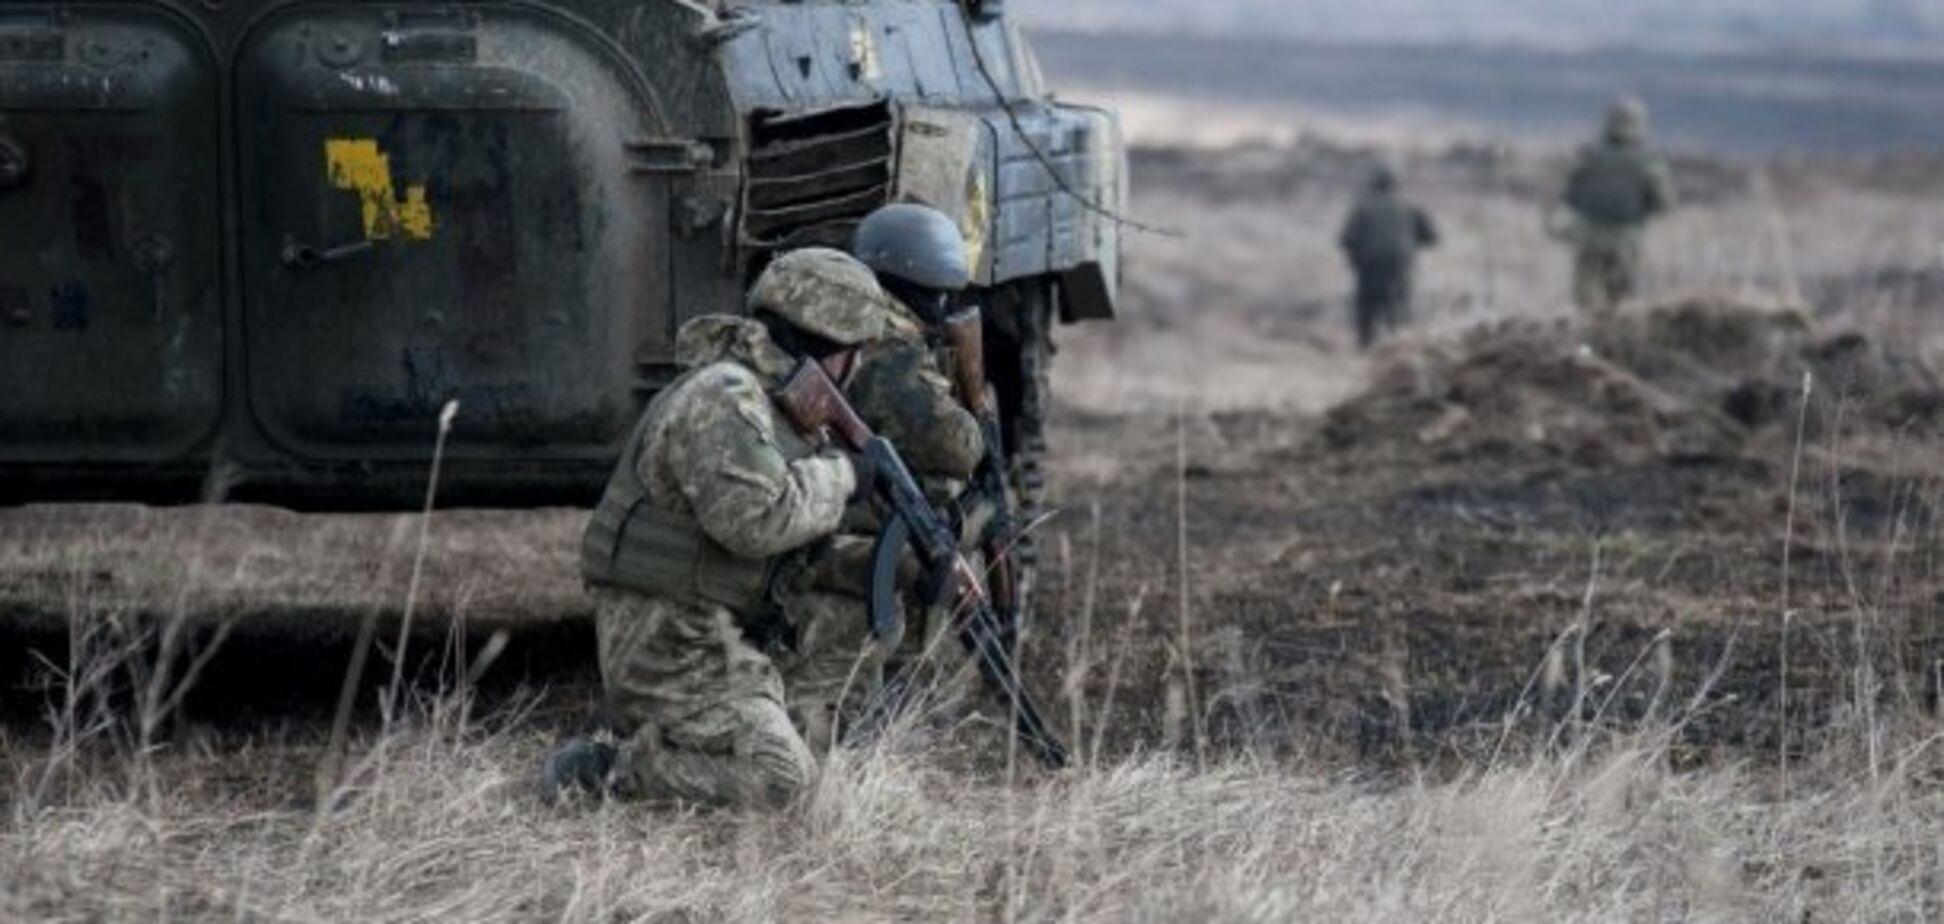 Думаете, над Киевом не появятся российские бомбардировщики?